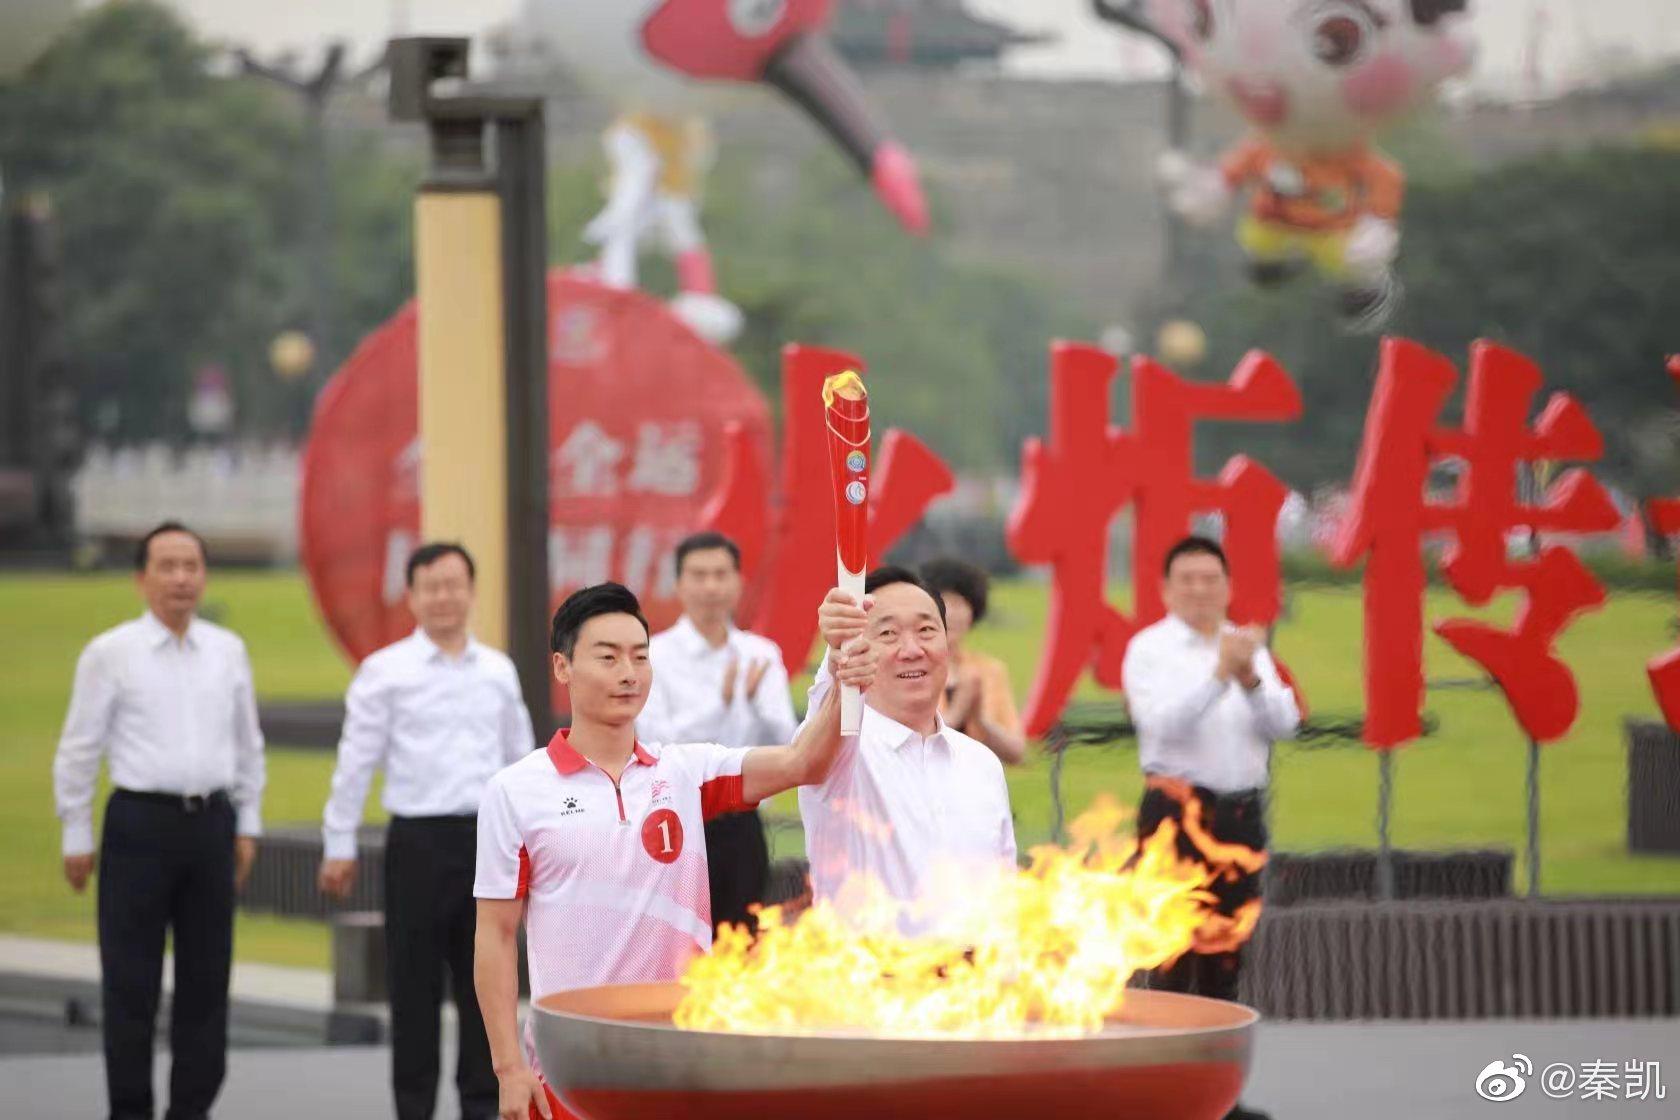 十四运会和残特奥会火炬在陕西传递 秦凯第一棒